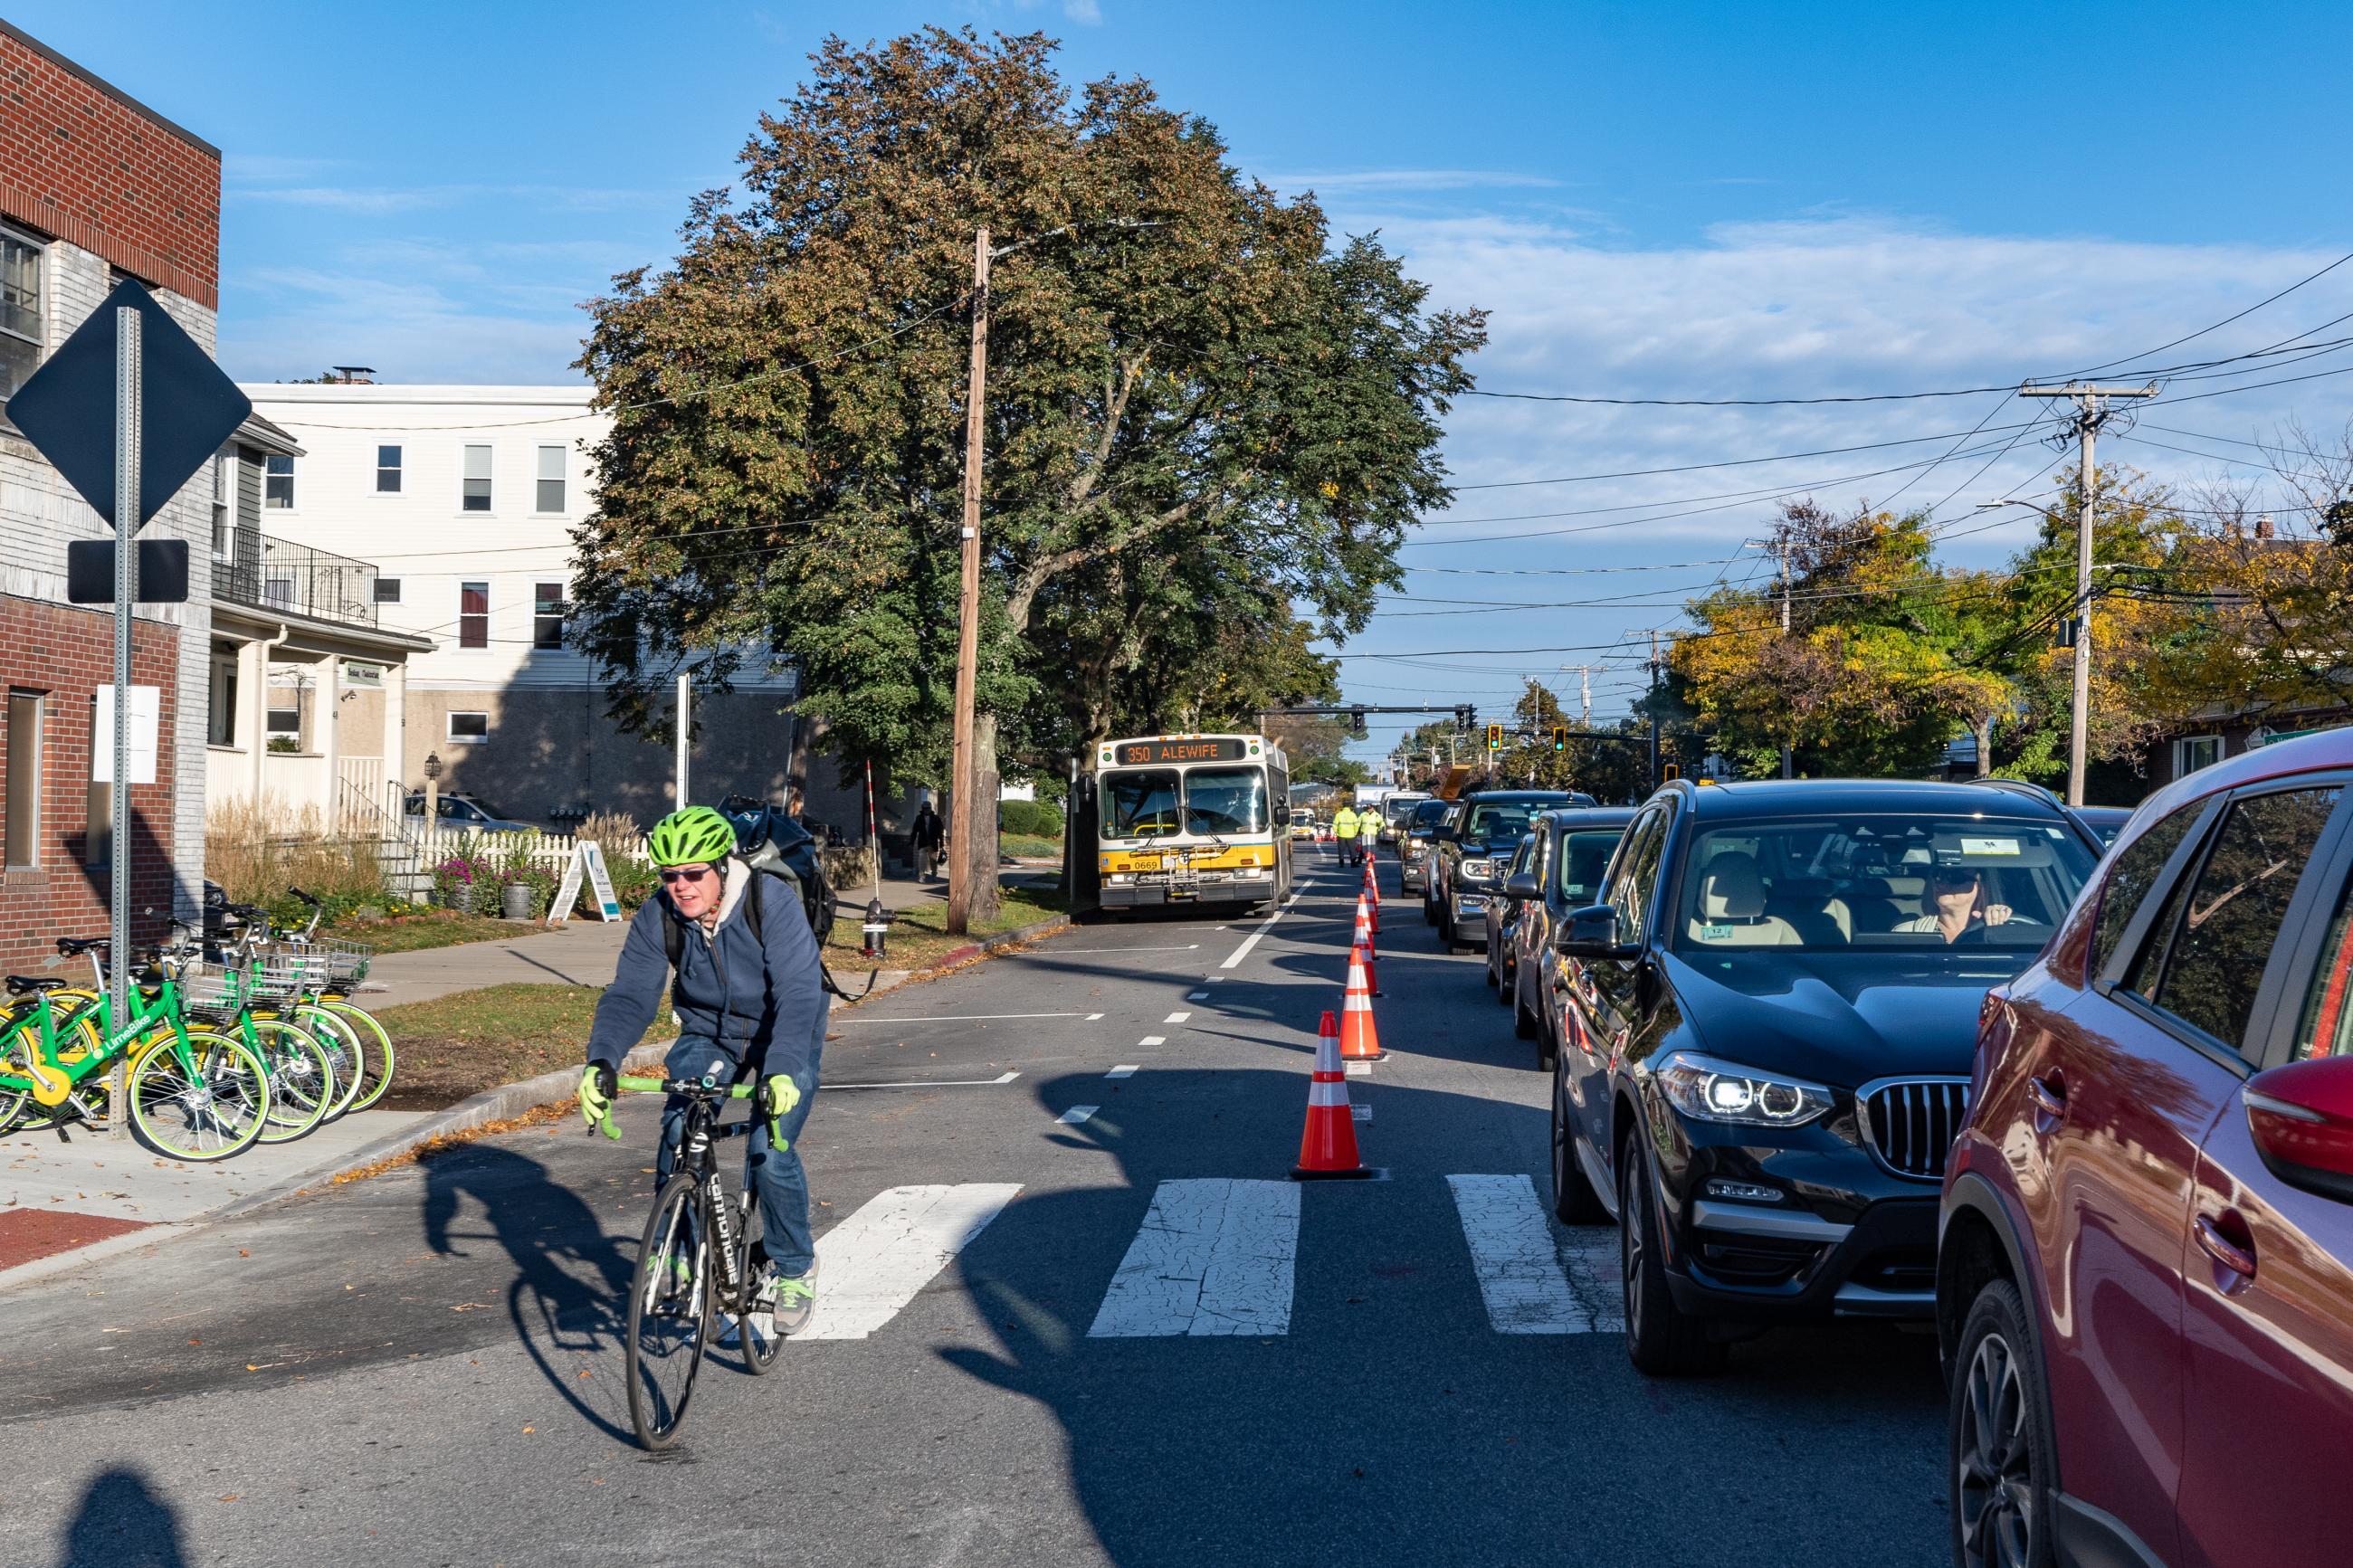 Bus lane on Massachusetts Ave in Arlington (October 2018)